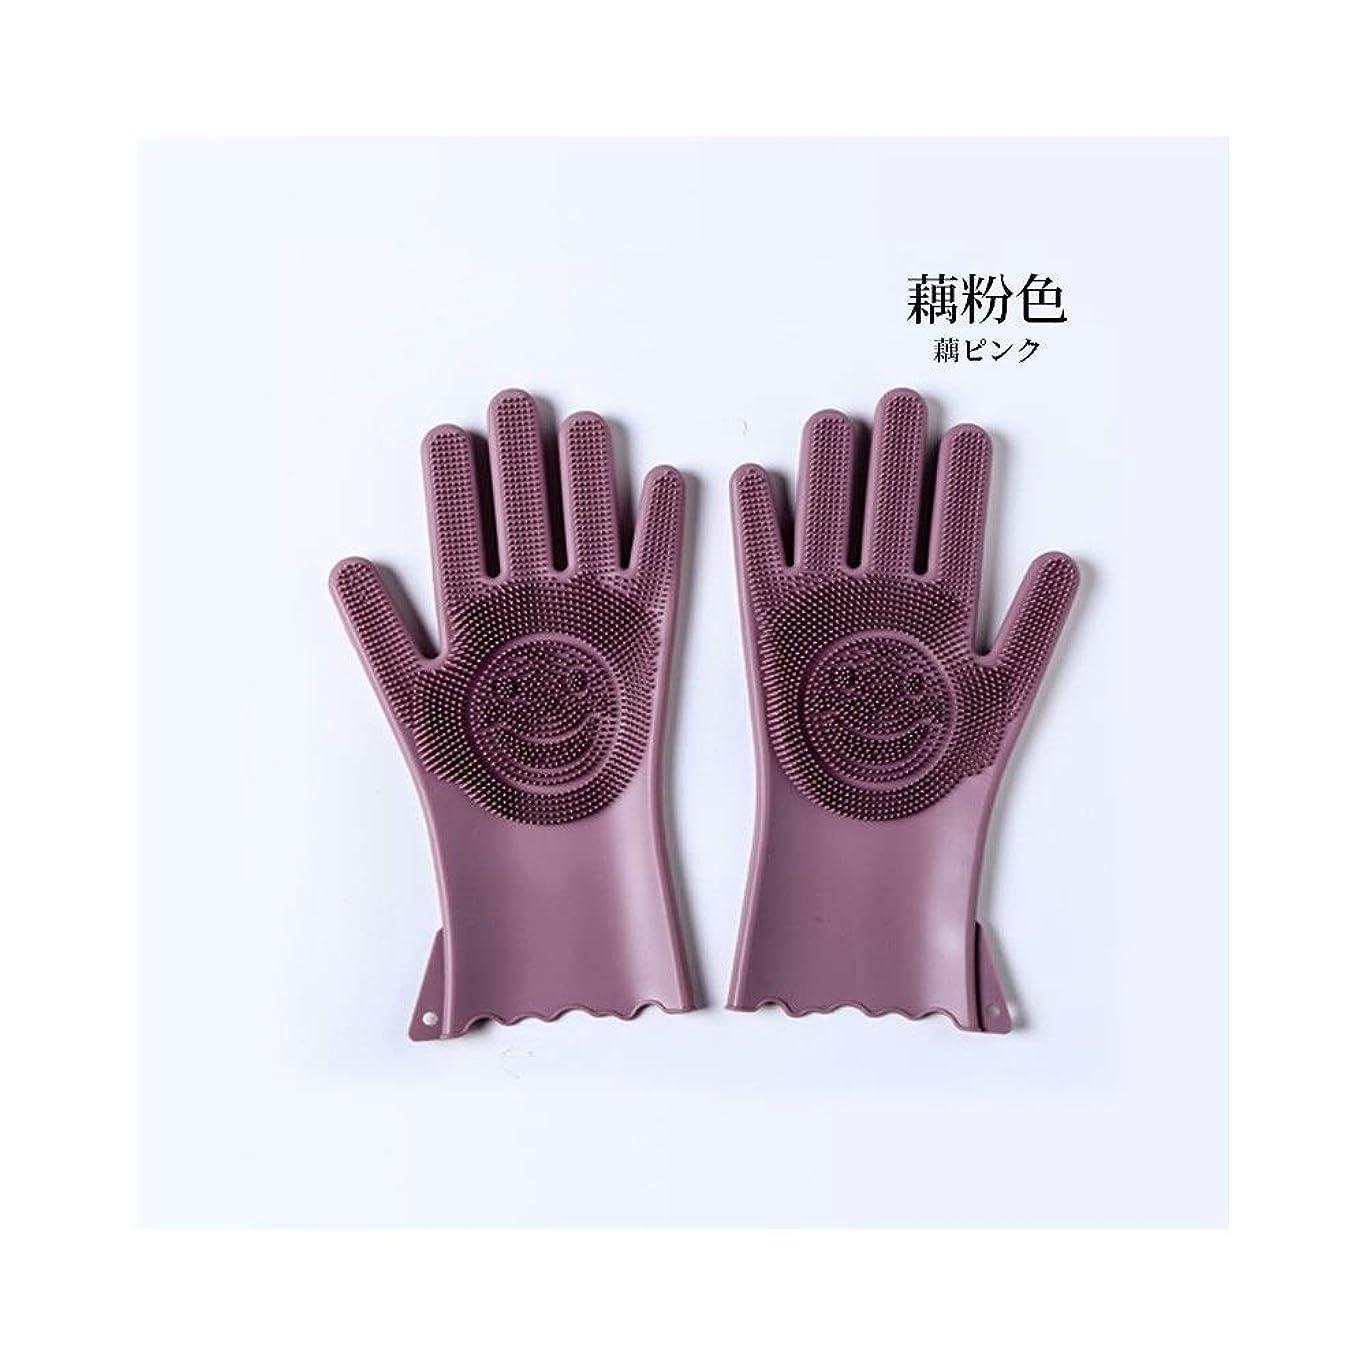 ましい困難進む使い捨て手袋 作業用手袋防水厚くて丈夫なシリコーン多機能キッチン家庭用手袋 ニトリルゴム手袋 (Color : PINK, Size : M)